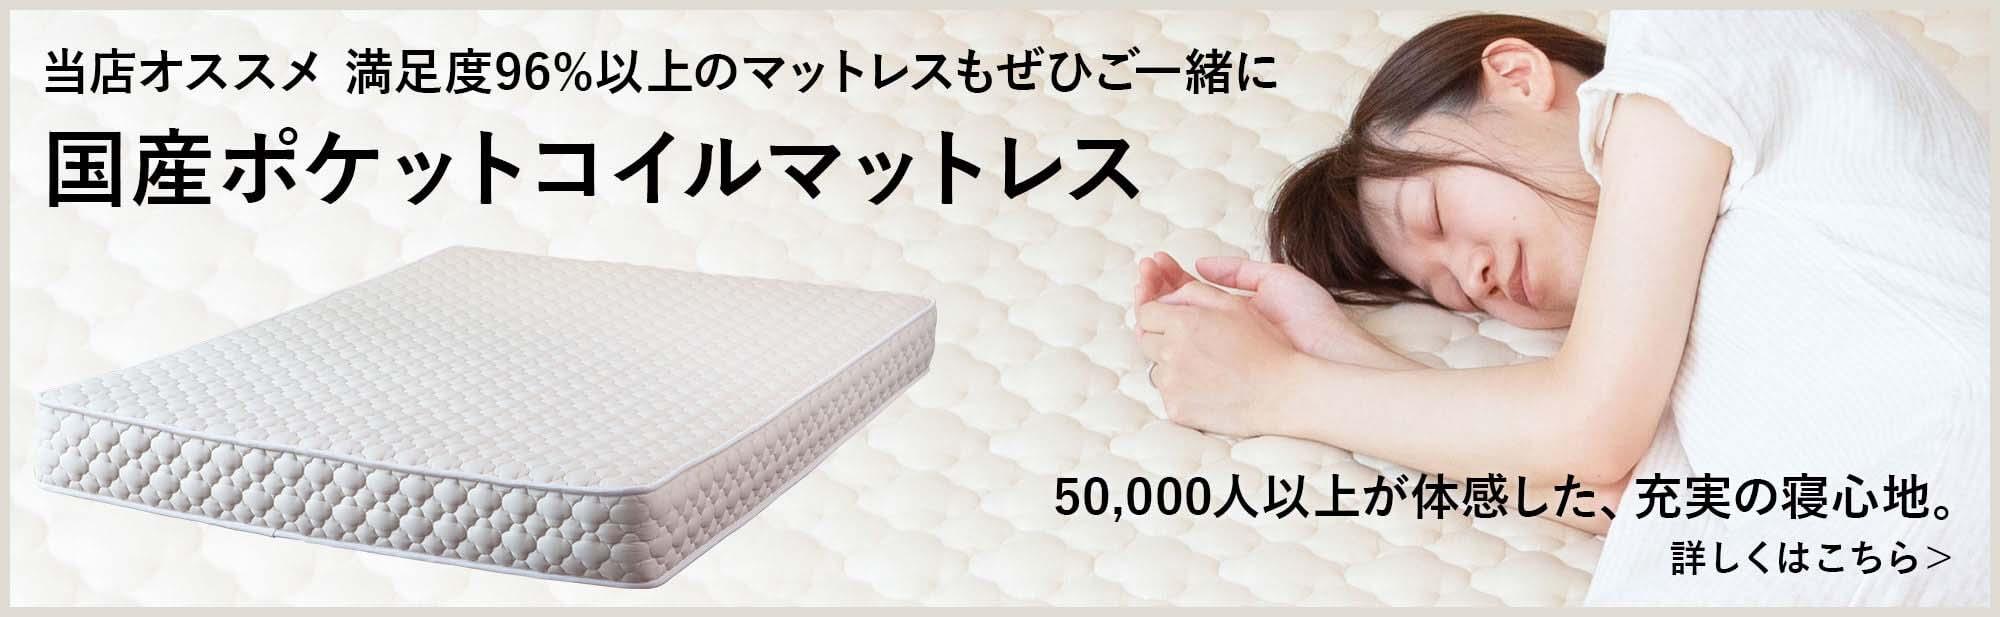 日本最大級のベッド専門店ビーナスベッドでおすすめの国産ポケットコイルマットレスを探す